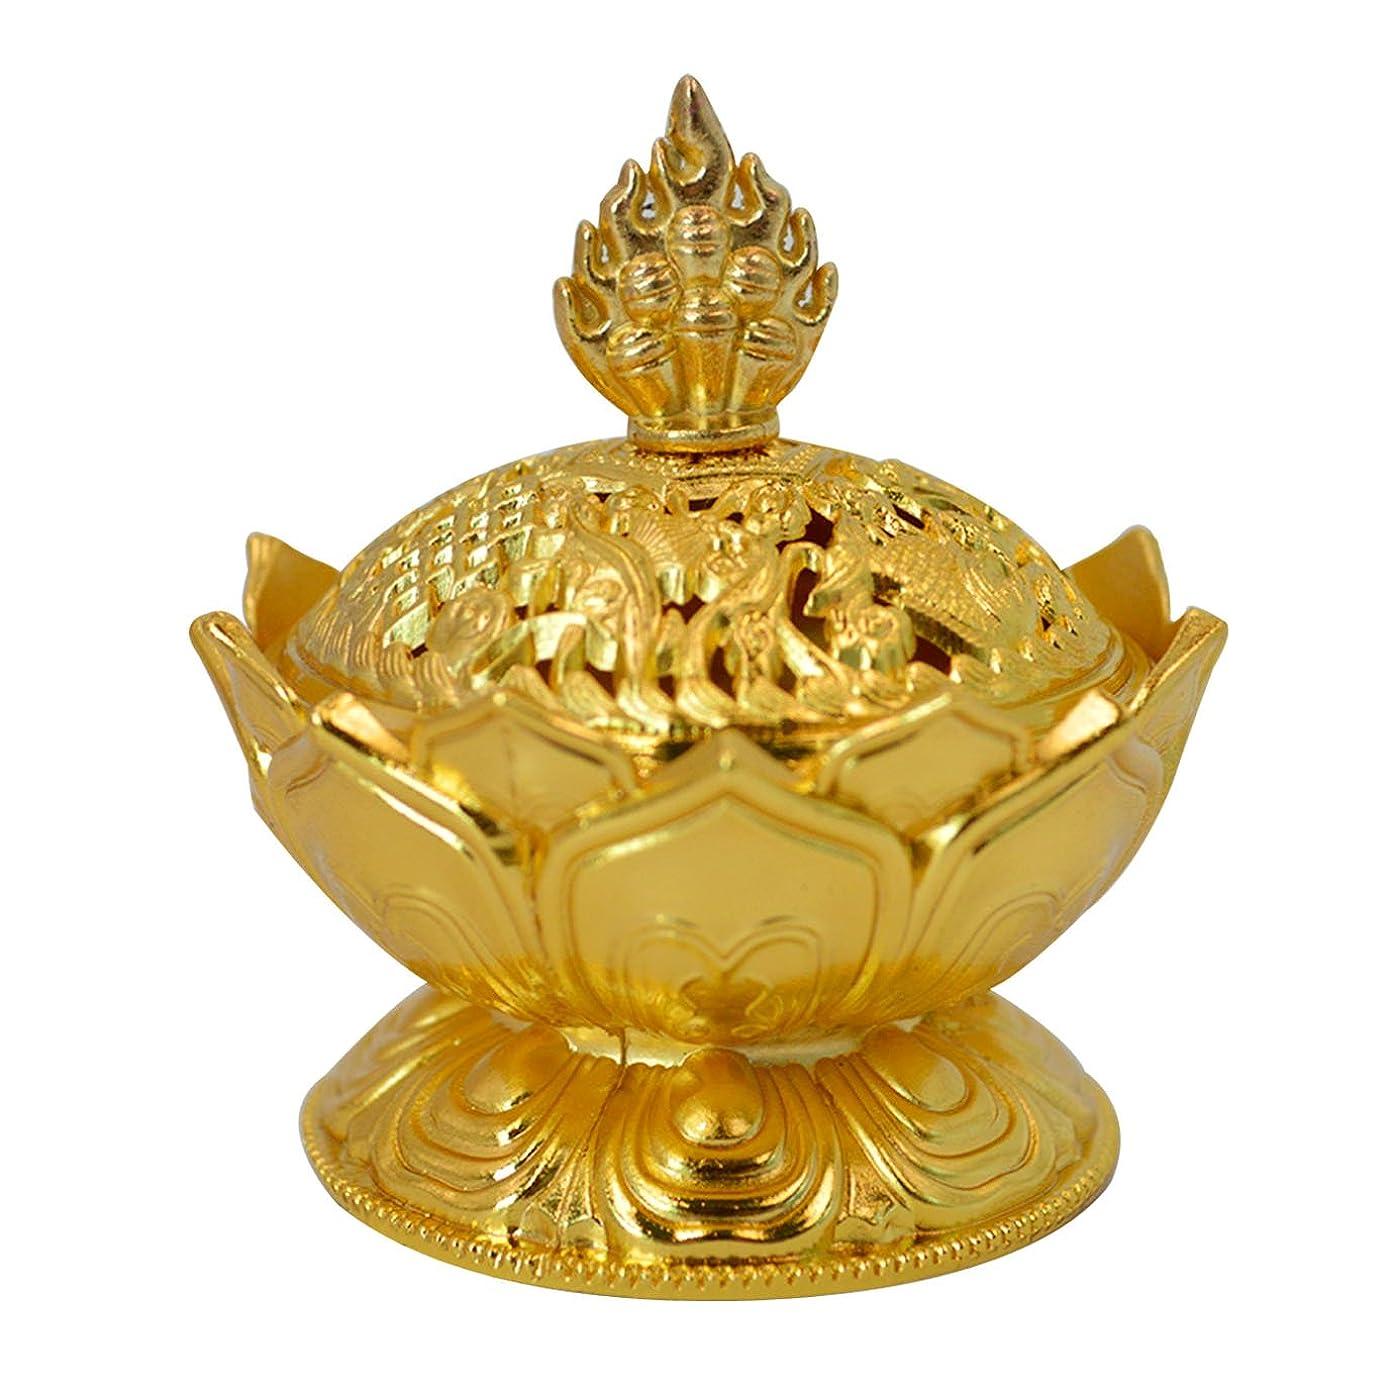 民間麦芽つぼみBuddha Lotus Flower香炉合金メタルIncense Holder Censerクリエイティブクリスマスプレゼント One Size ゴールド